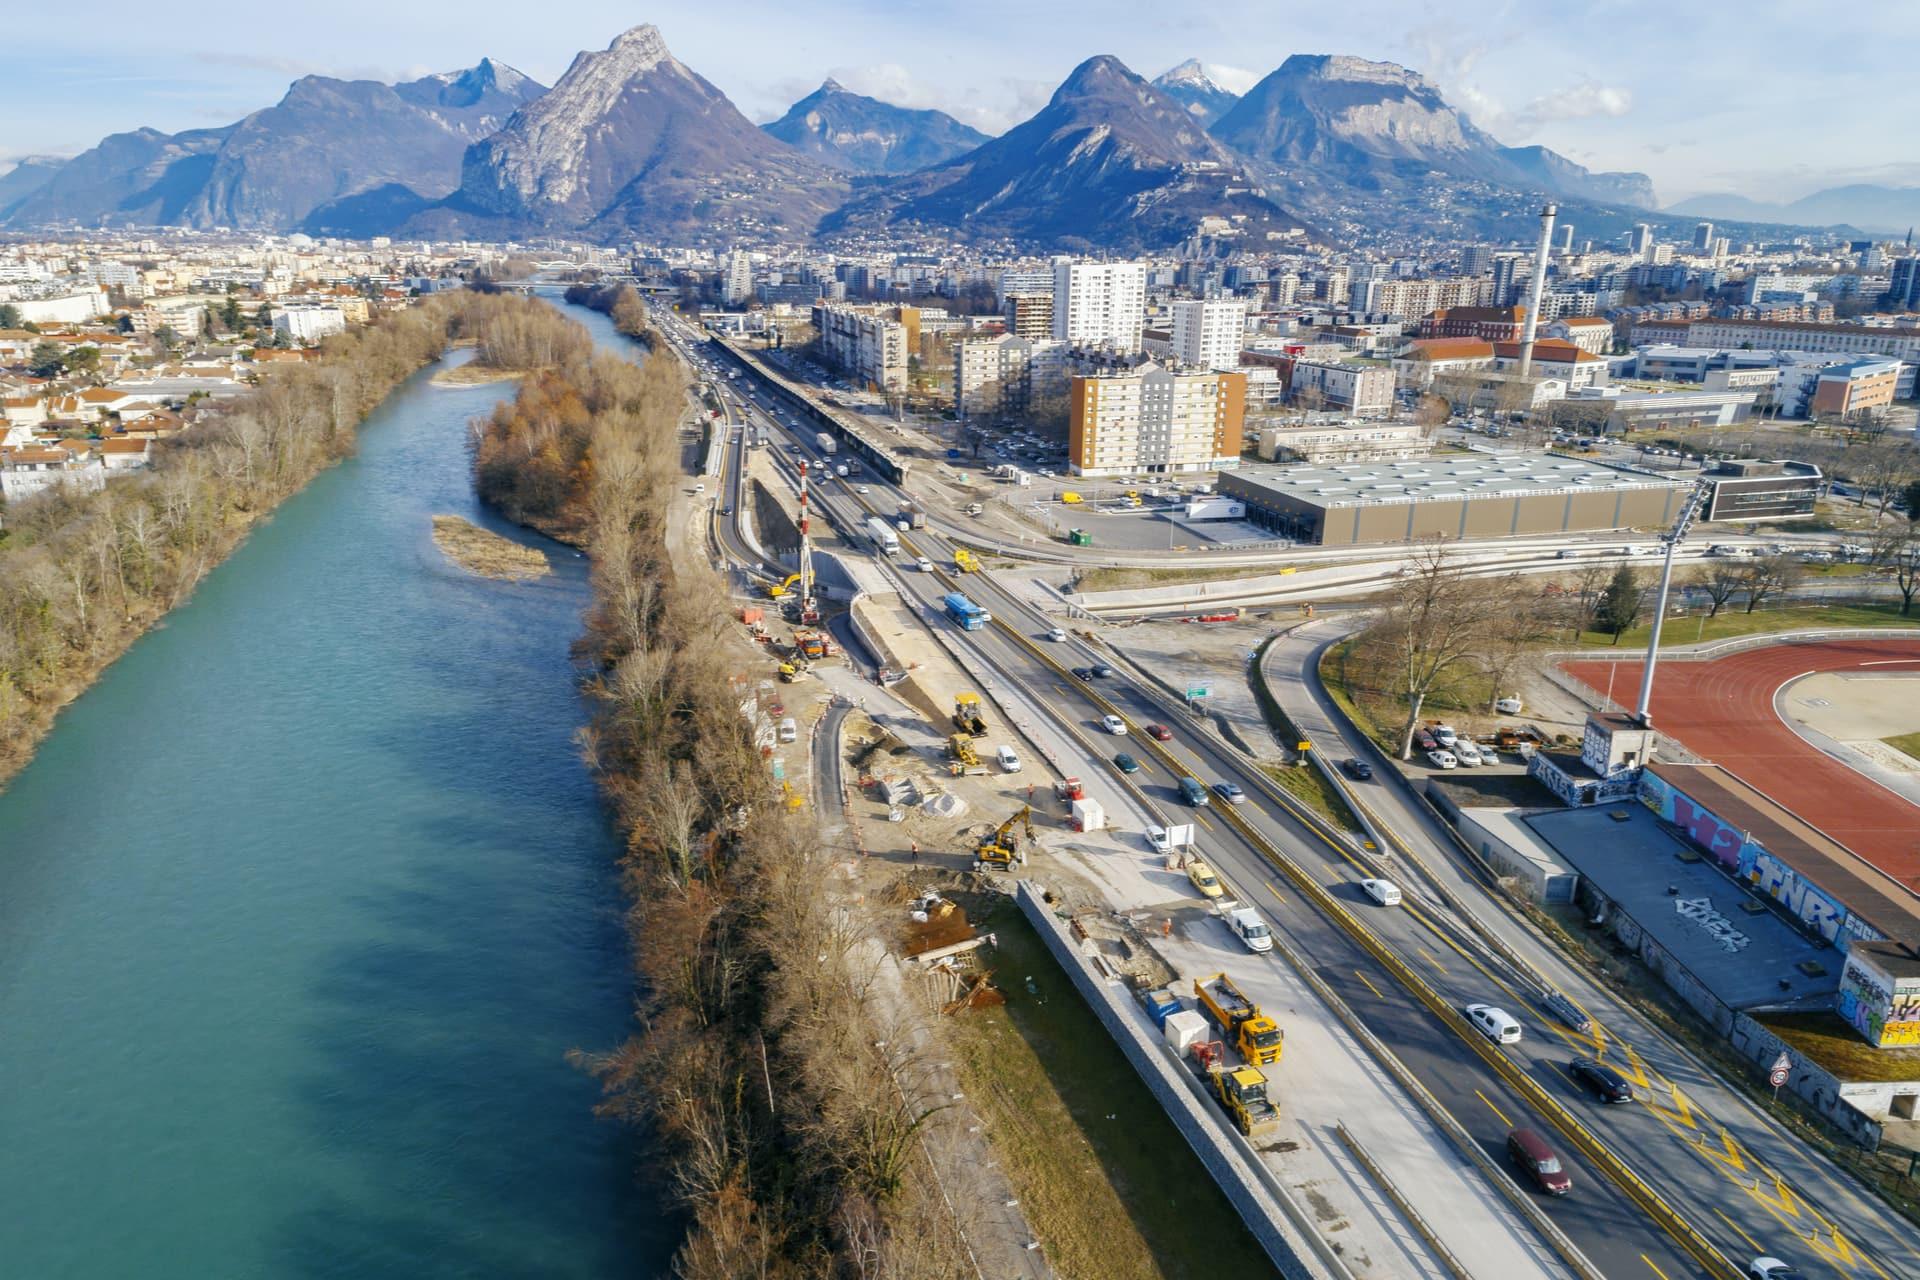 Aménagement de l'axe autoroutier A480 par AREA sur la ville de Grenoble